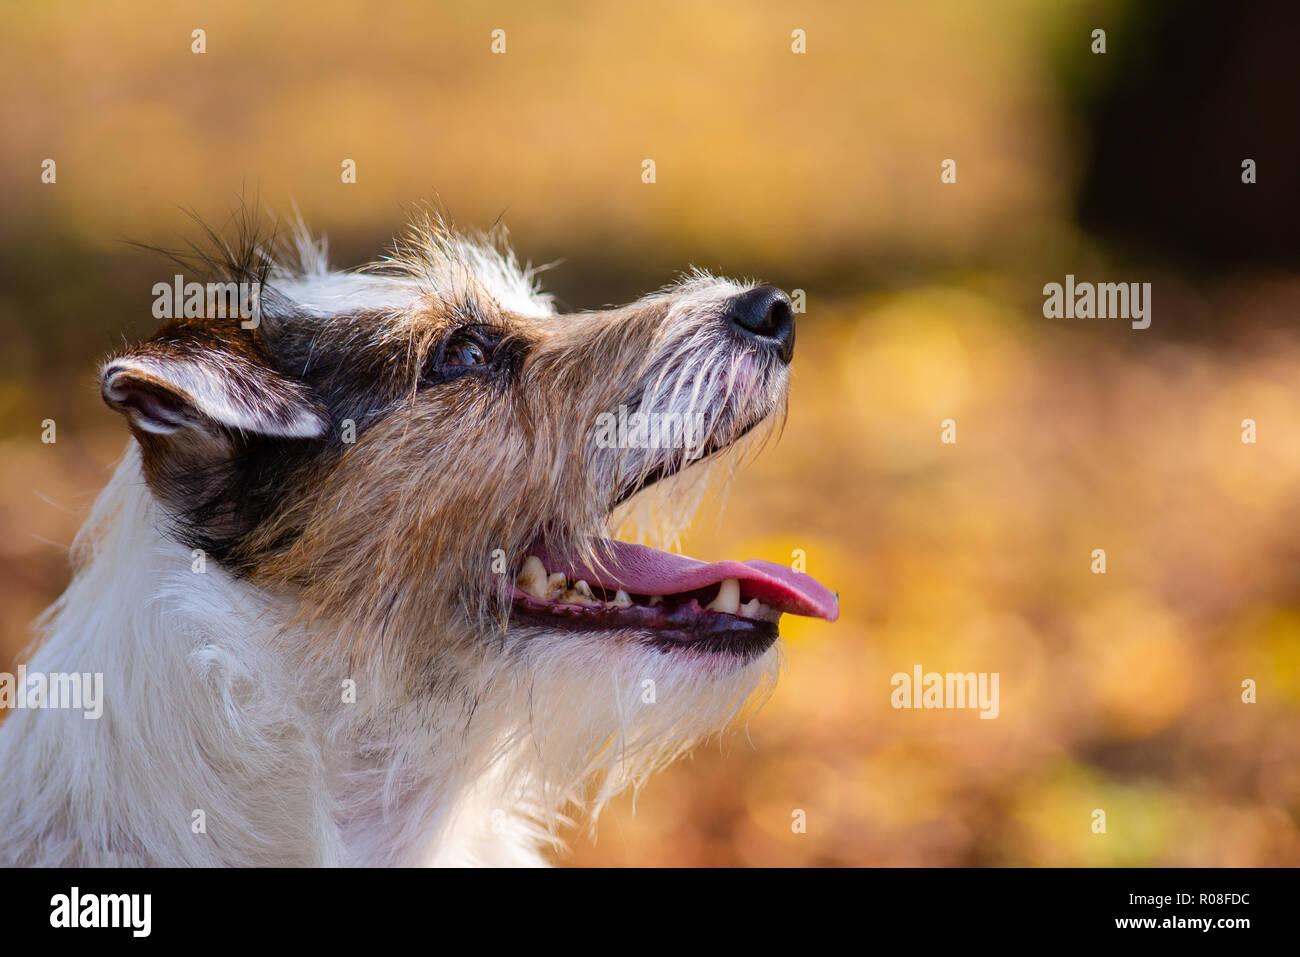 Profil Schuß eines Parson Russell Terrier, den Mund offen Stockbild